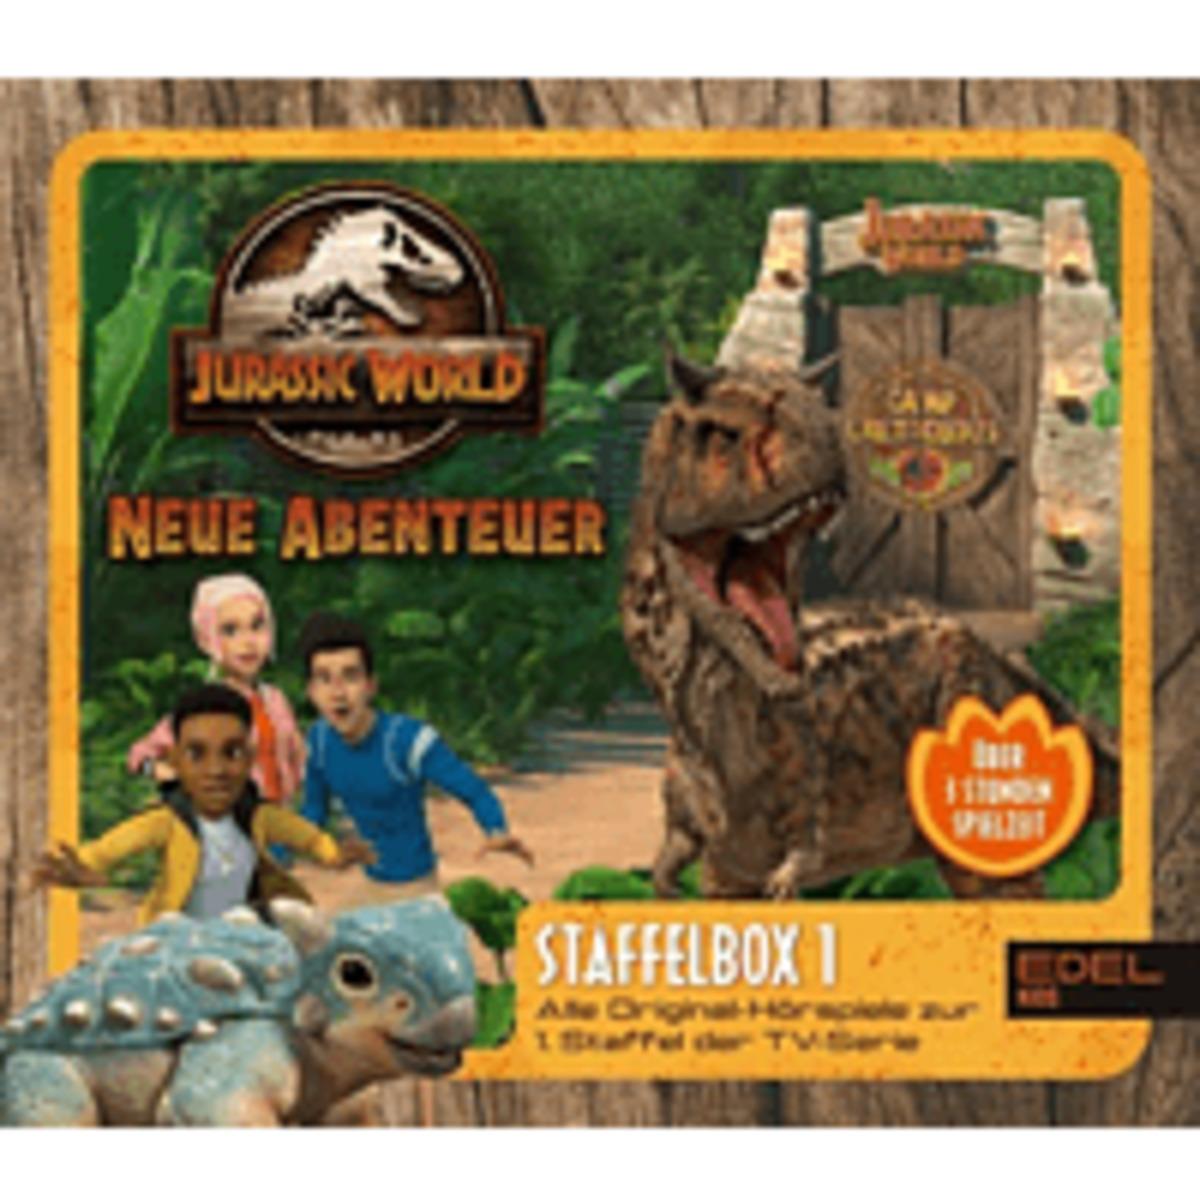 Bild 1 von Jurassic World-neue Abenteuer - Staffelbox 1 - (CD)